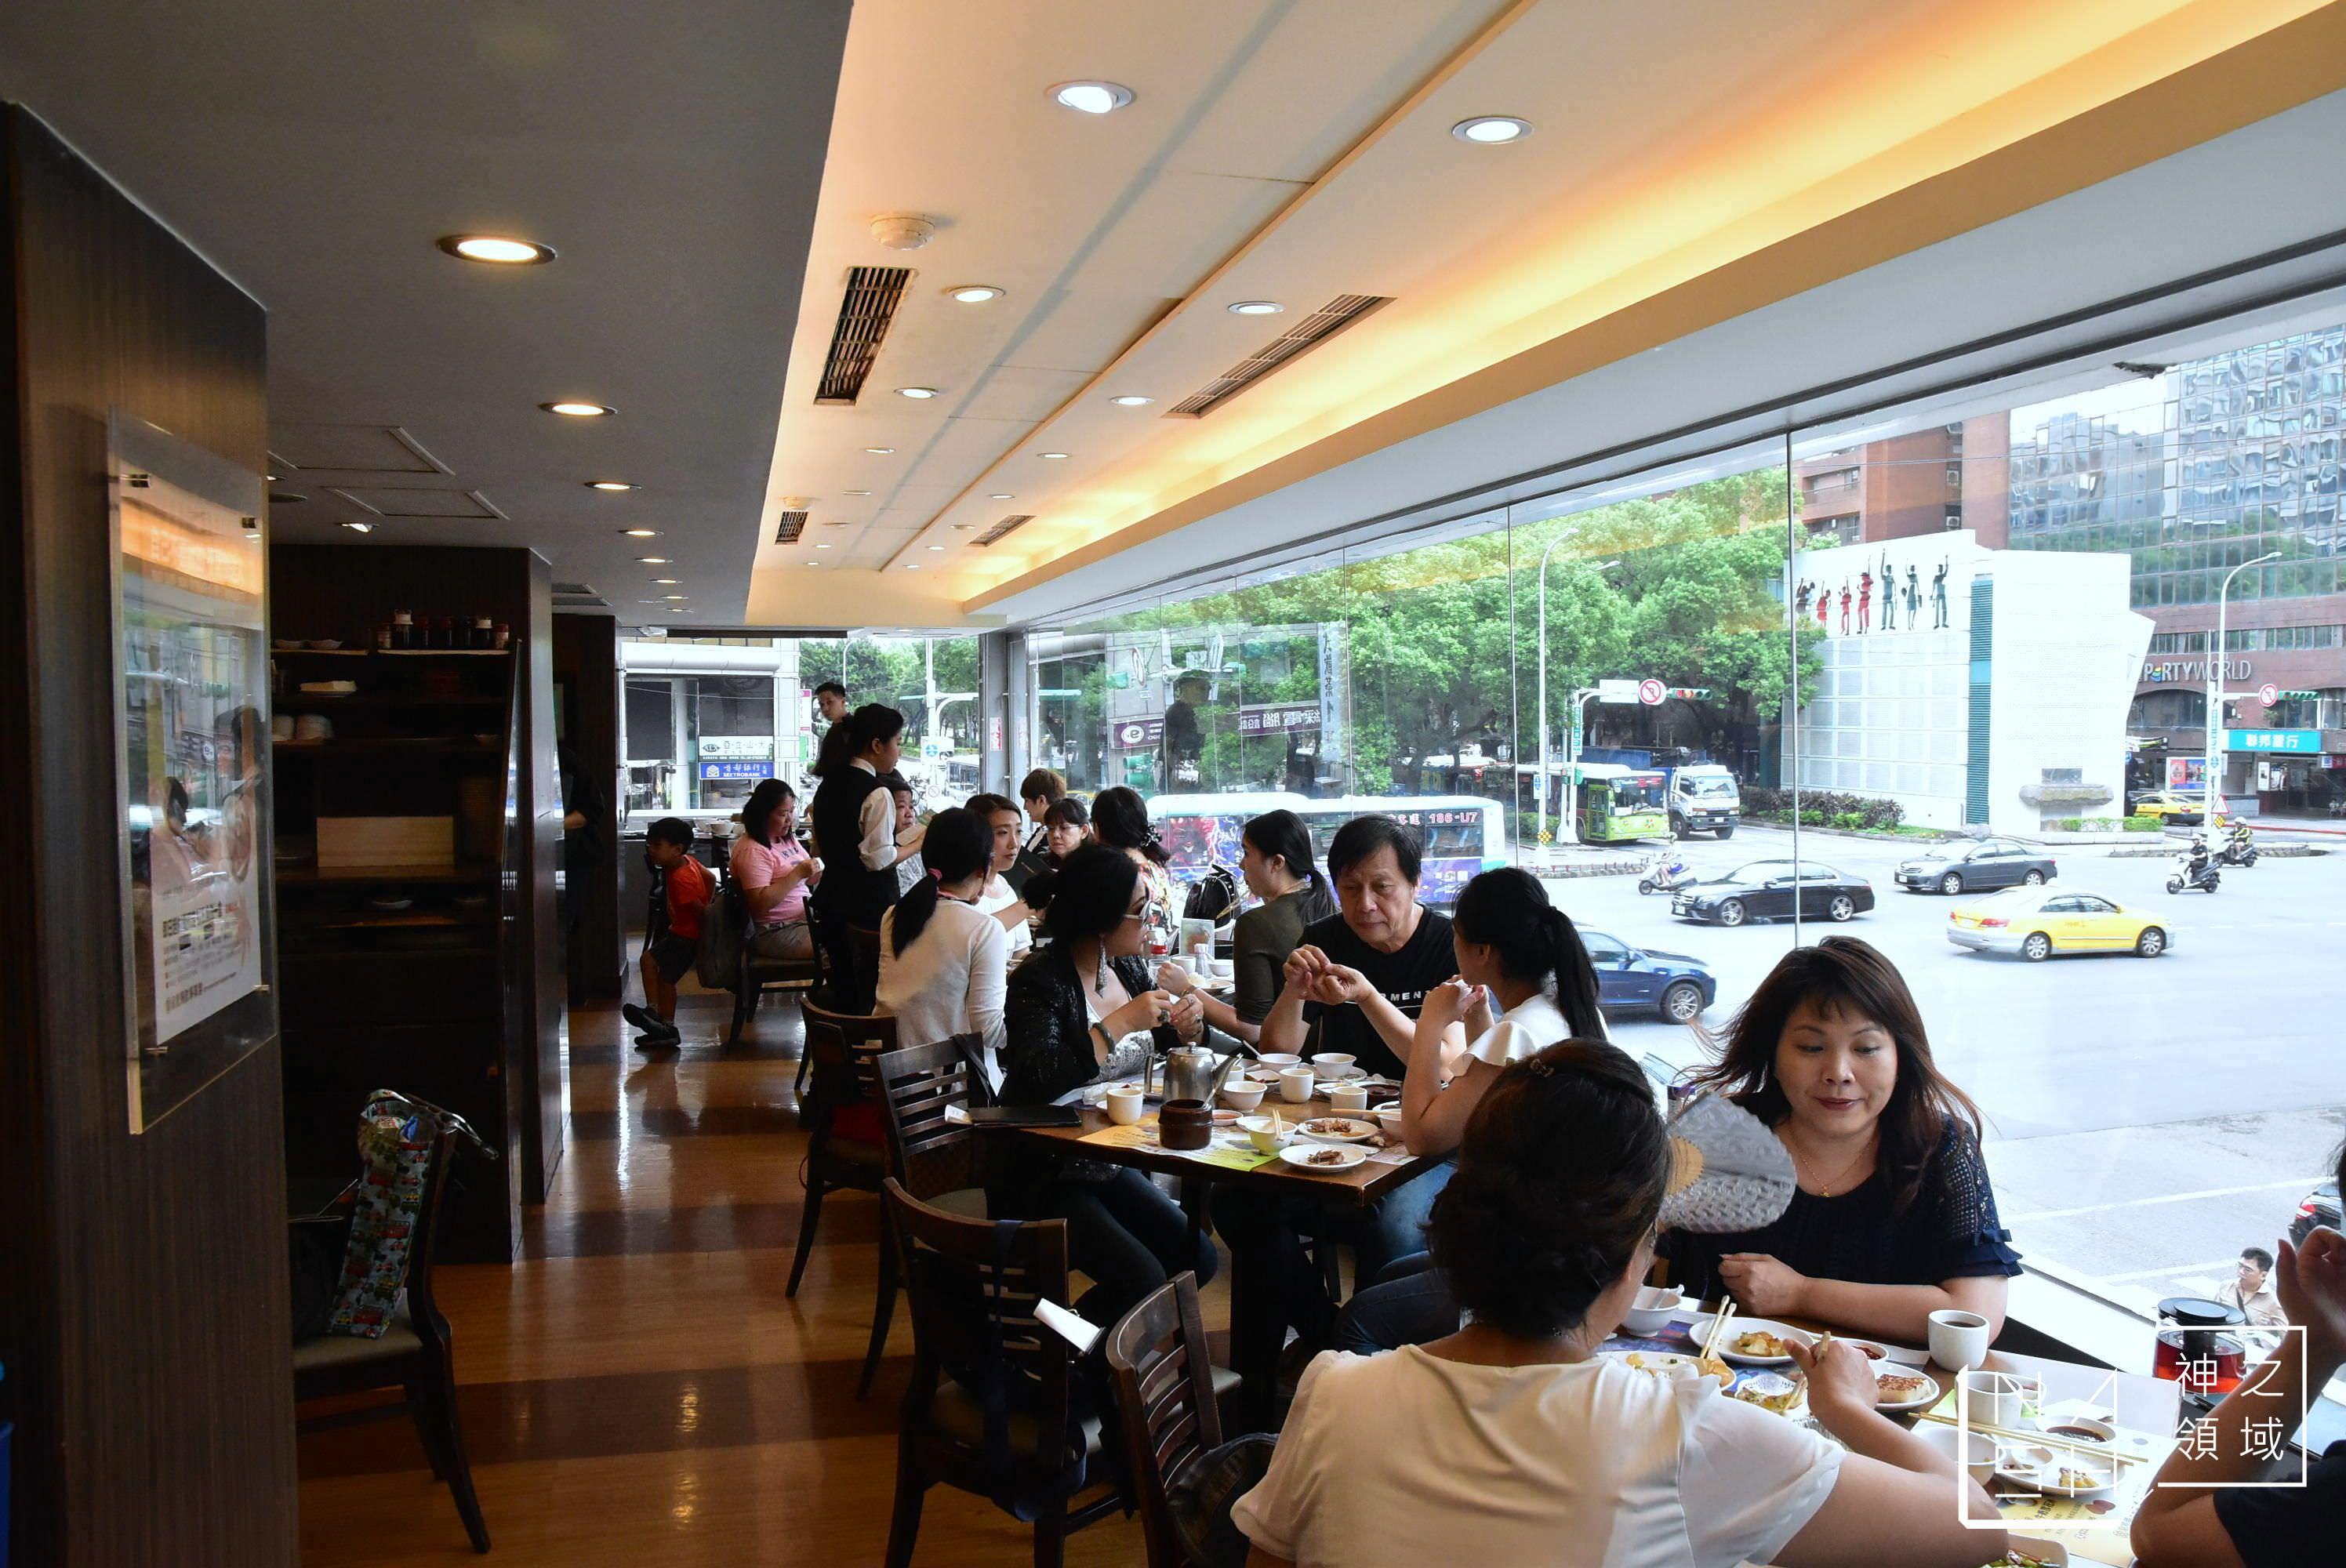 台北港式飲茶,京星港式飲茶,台北飲茶懶人包